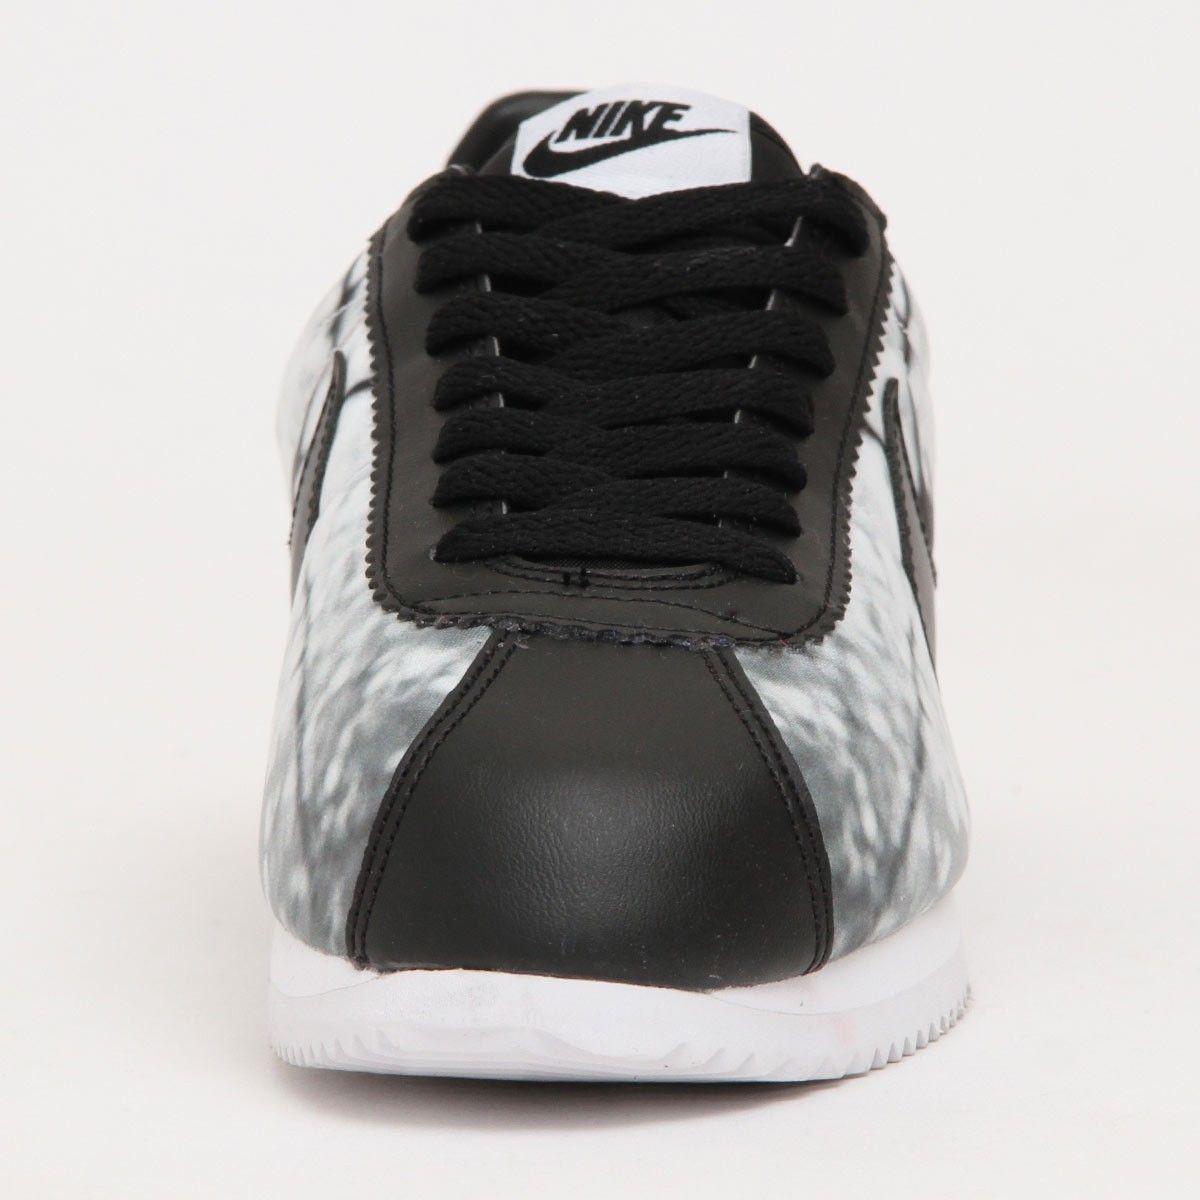 Nike W Classic Cortez Cherry B Wolf Grey/Black 816284-001